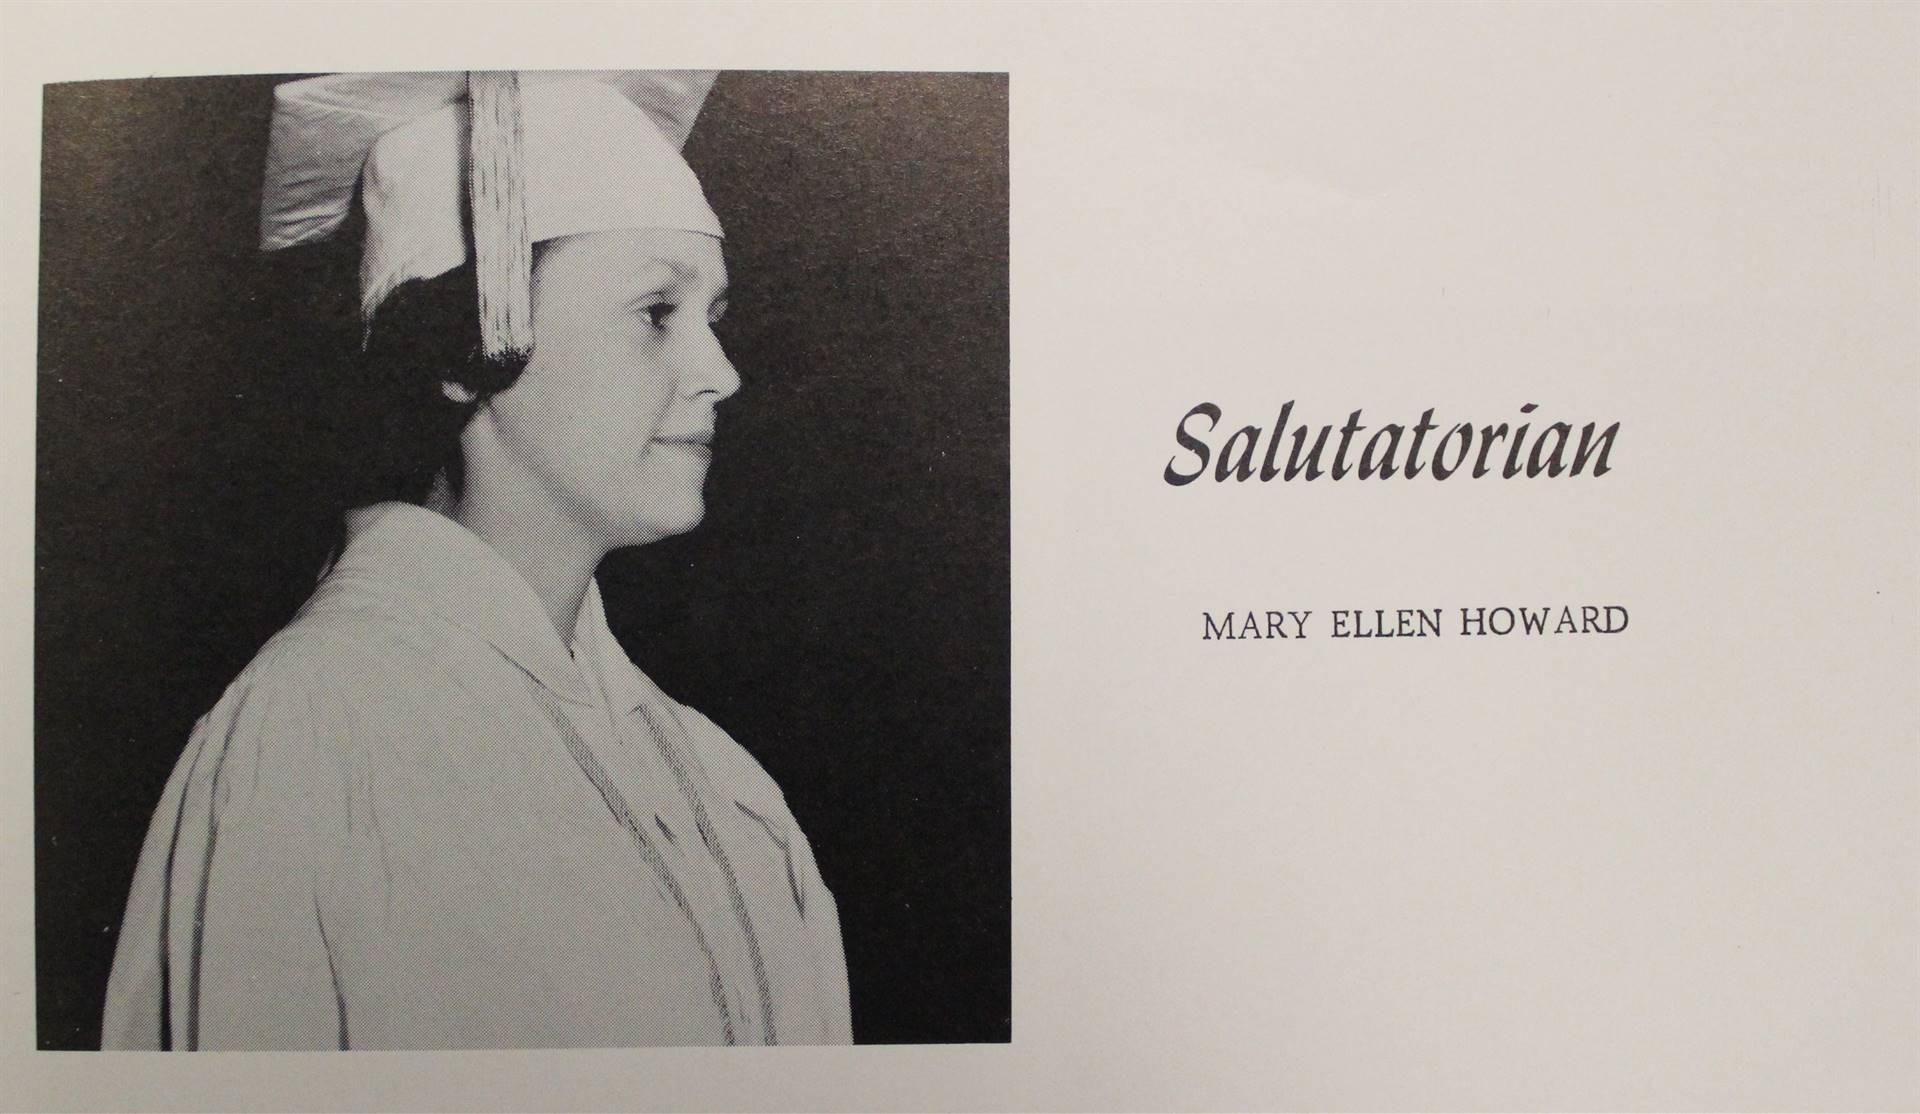 1961 Salutatorian